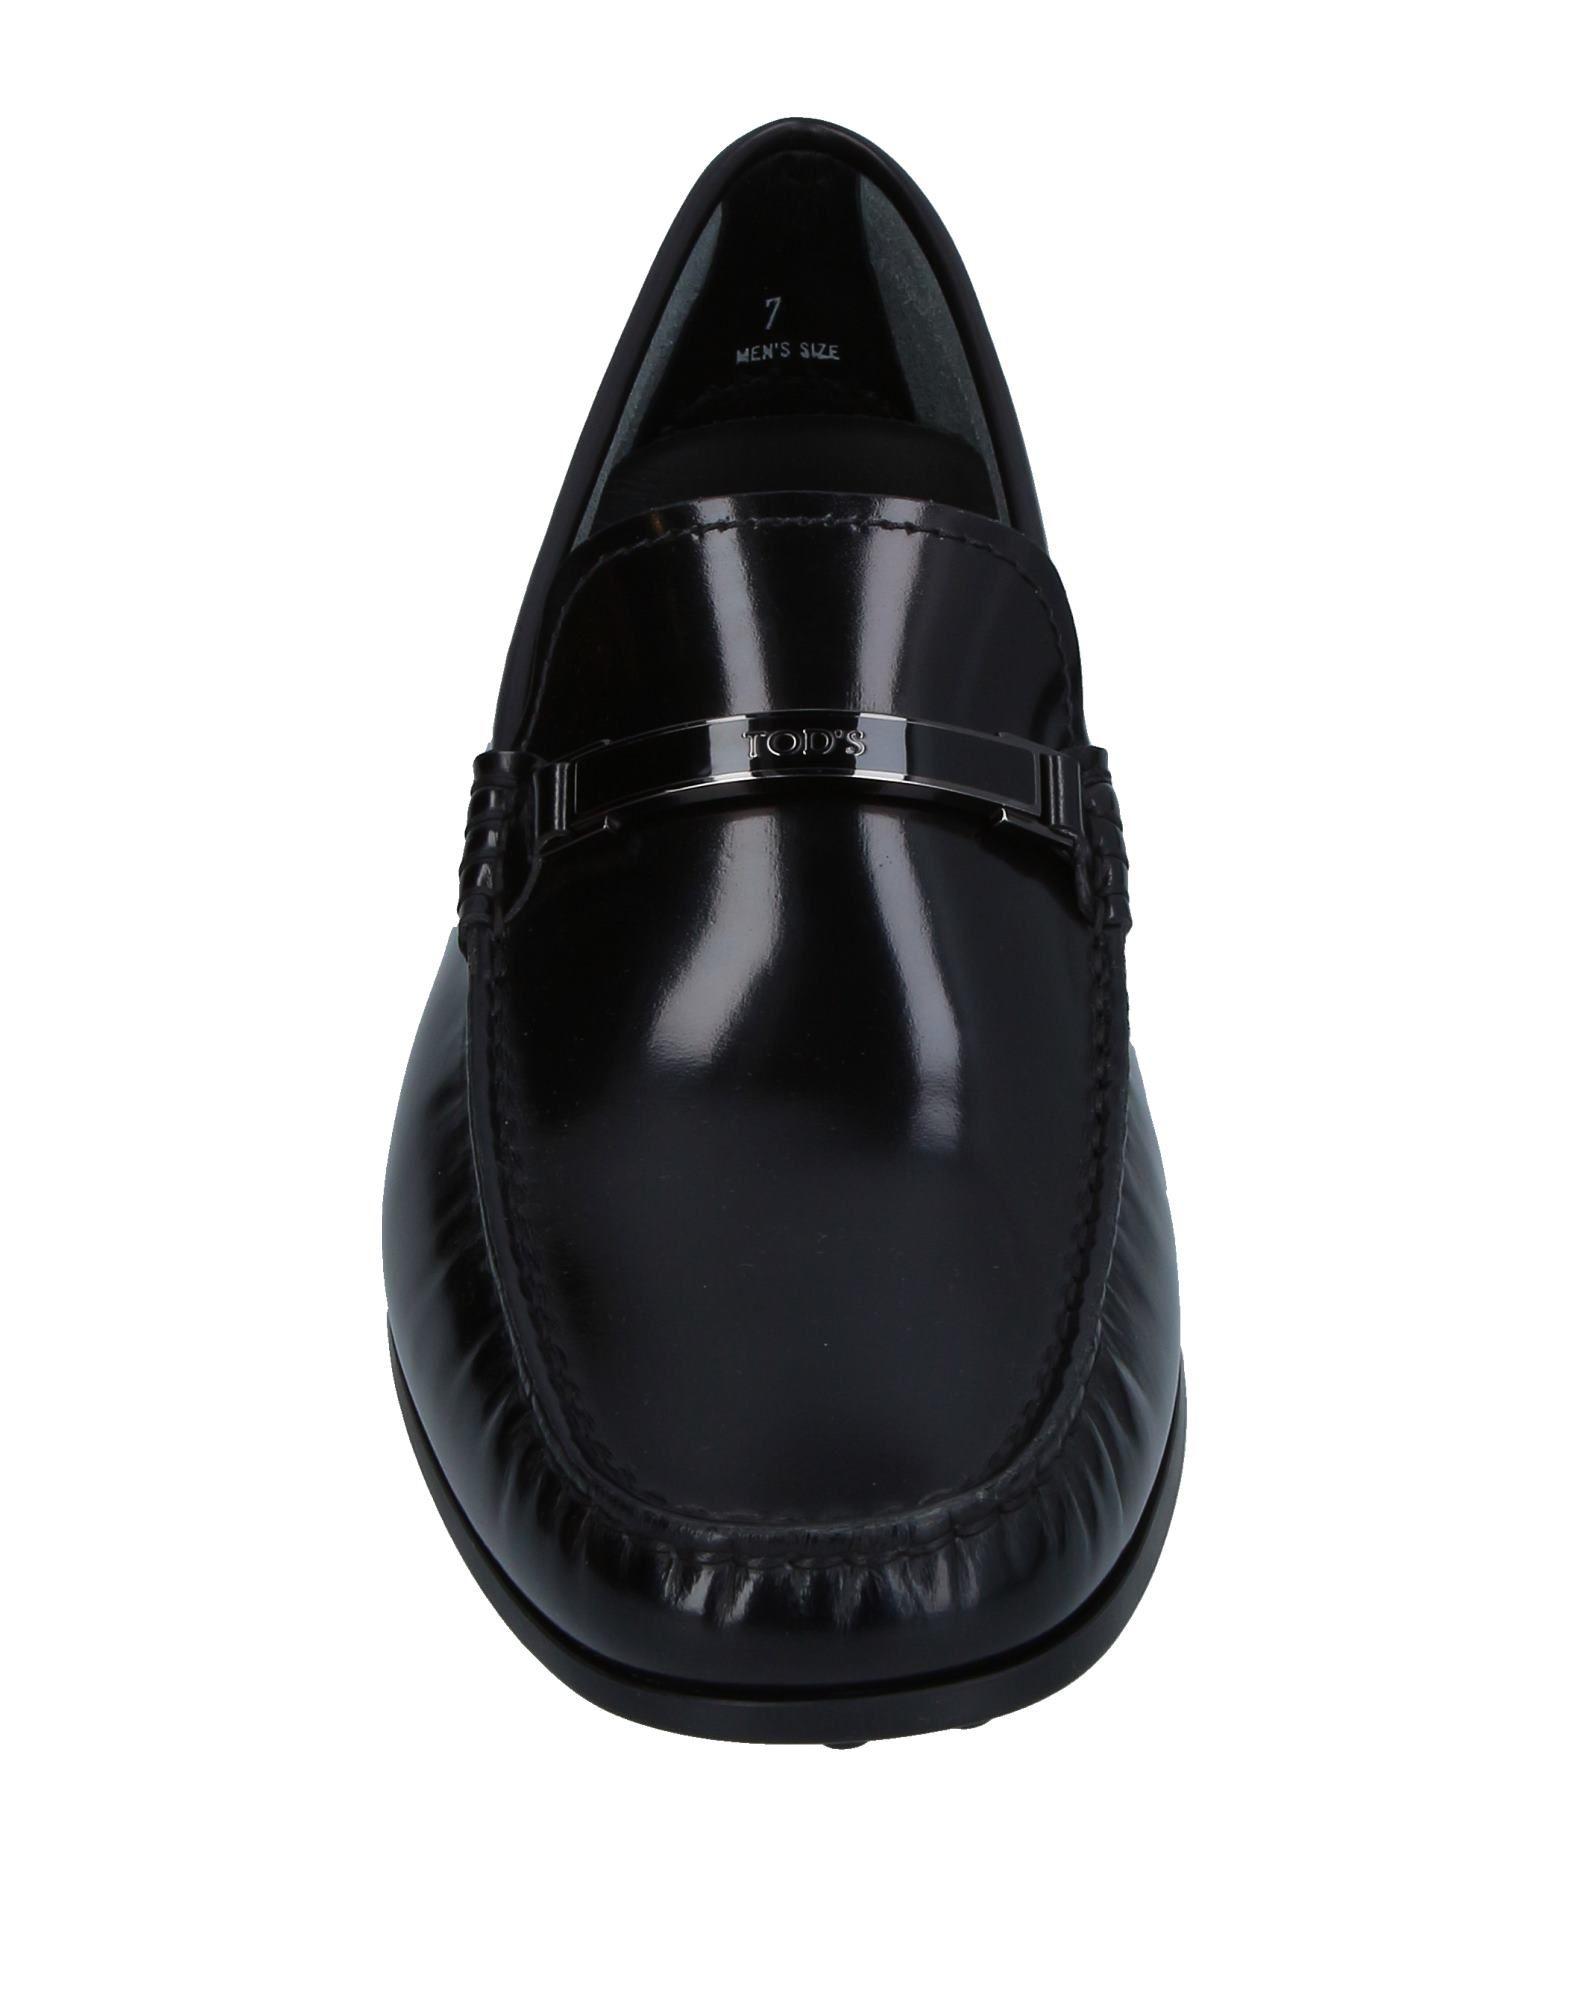 Tod's Mokassins Herren  11298798CQ Schuhe Gute Qualität beliebte Schuhe 11298798CQ 5e4858